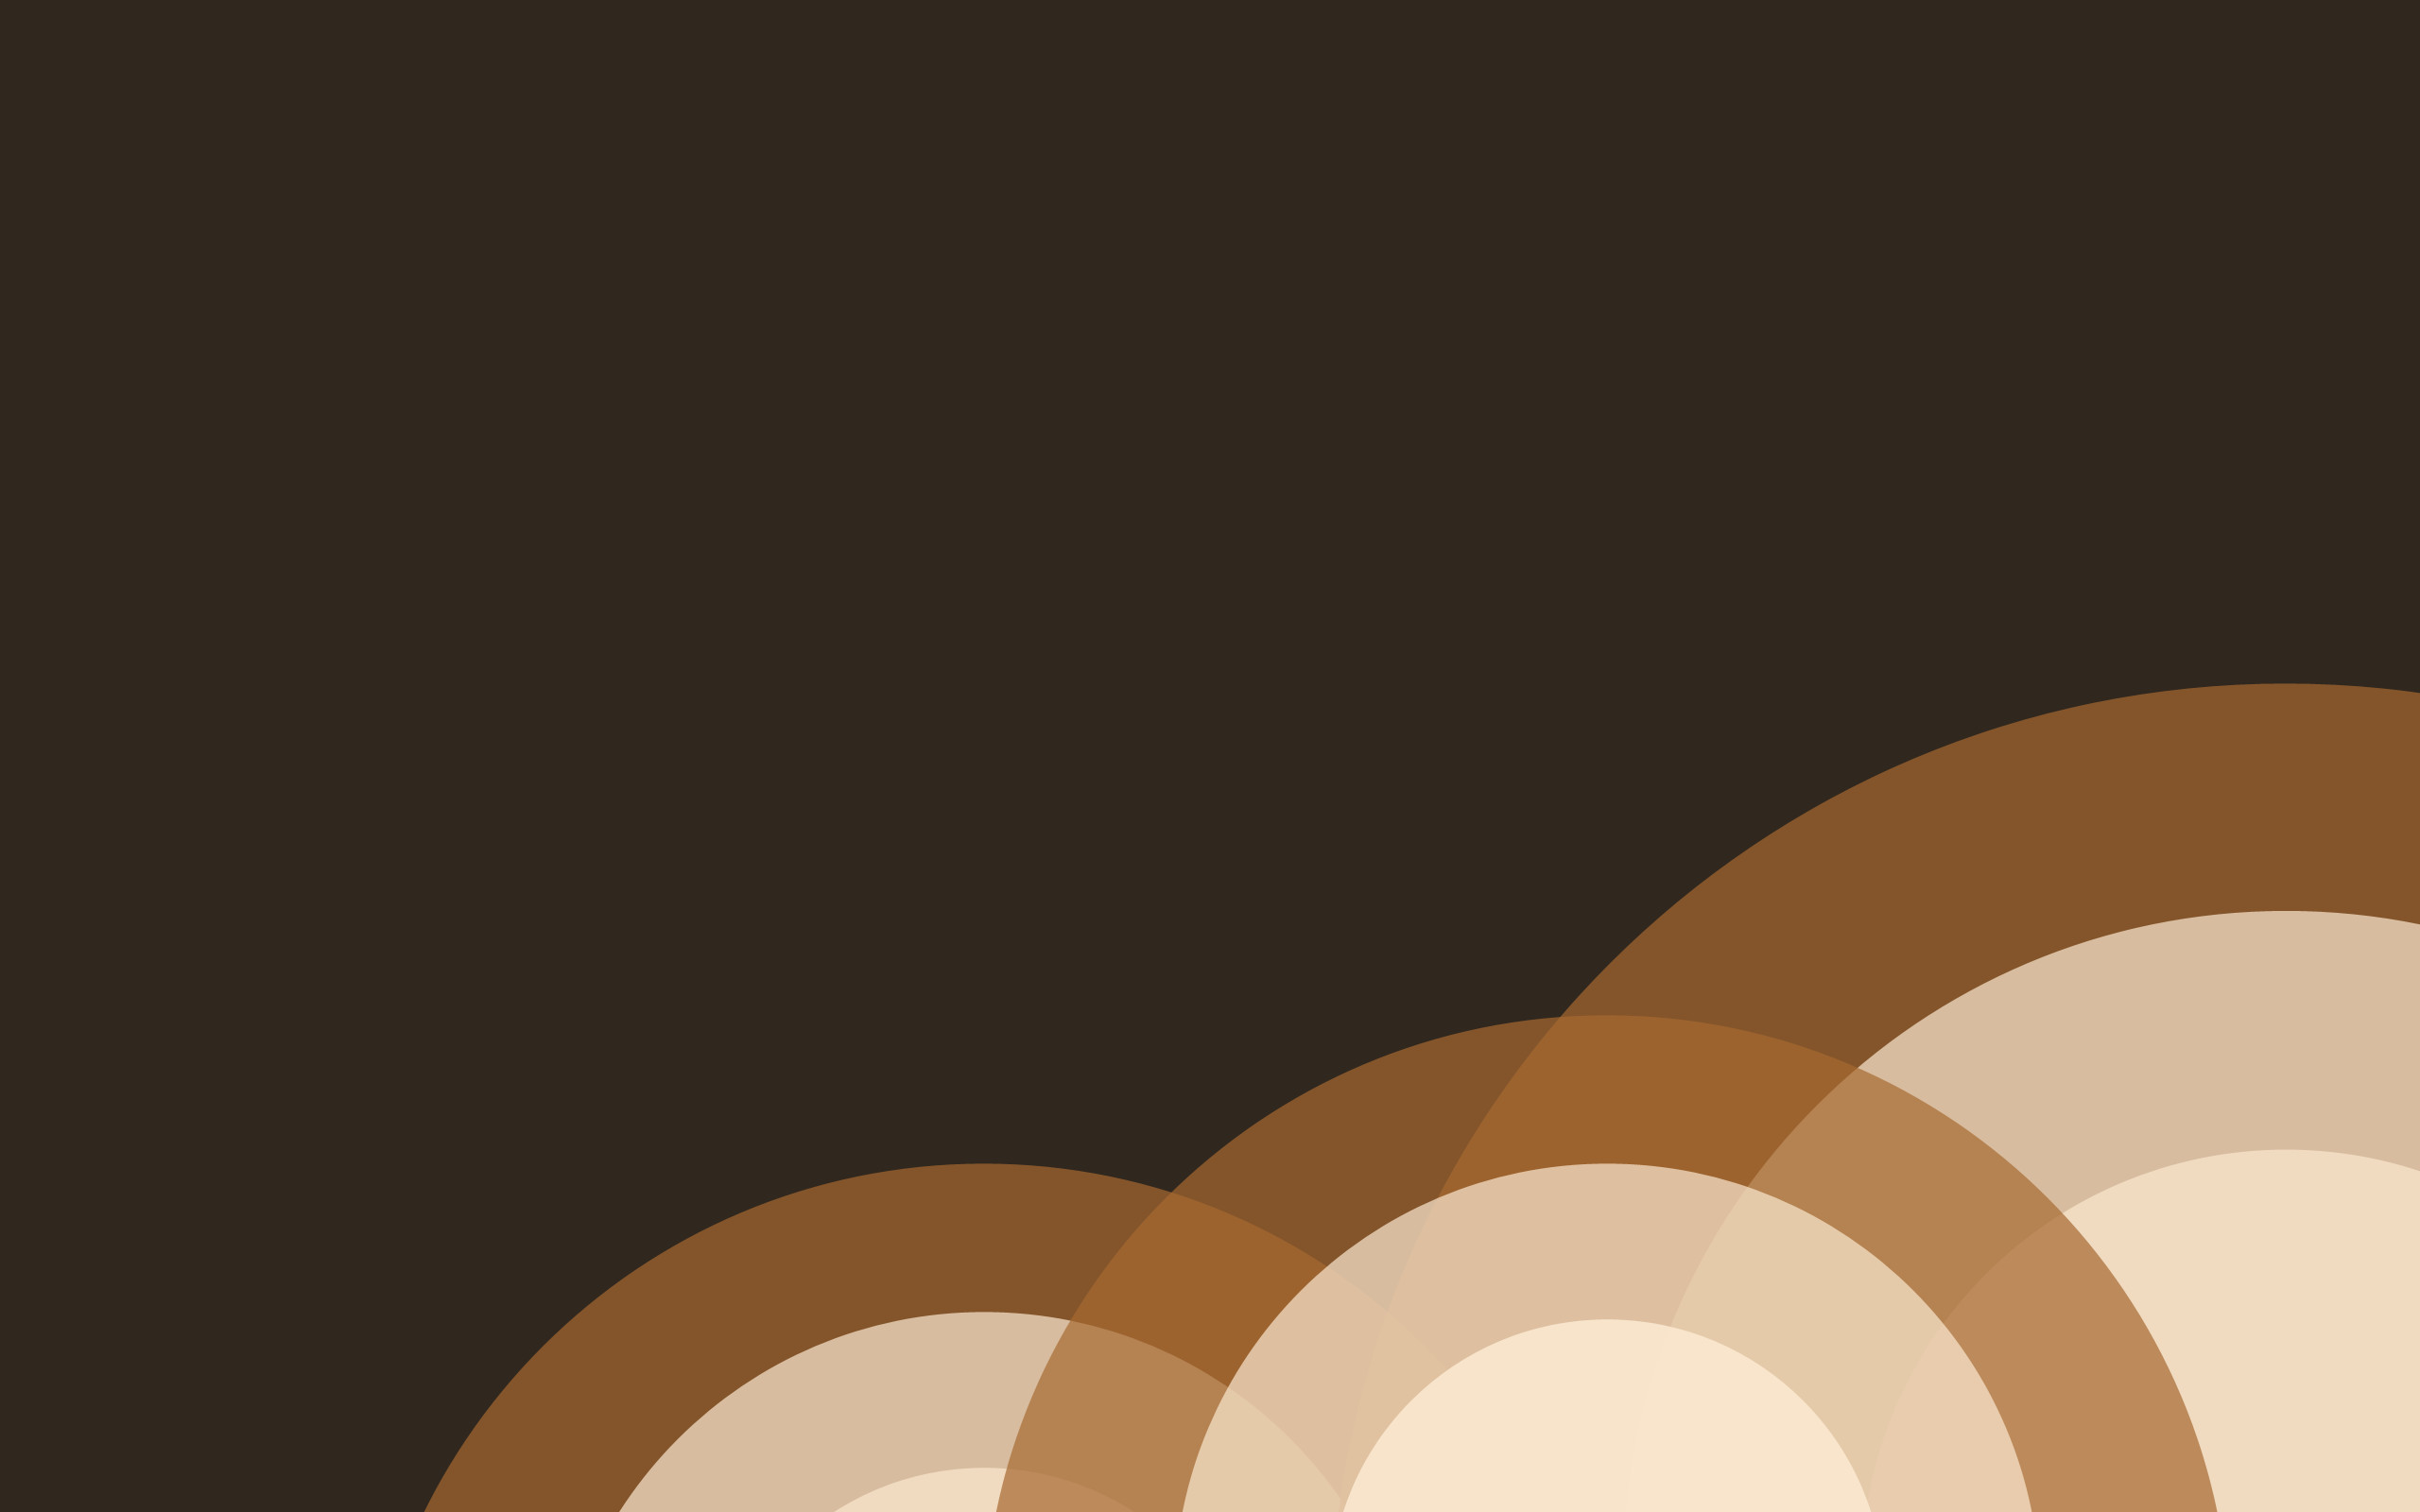 … brown wallpaper 505 2560 x 1600 wallpaperlayer com …